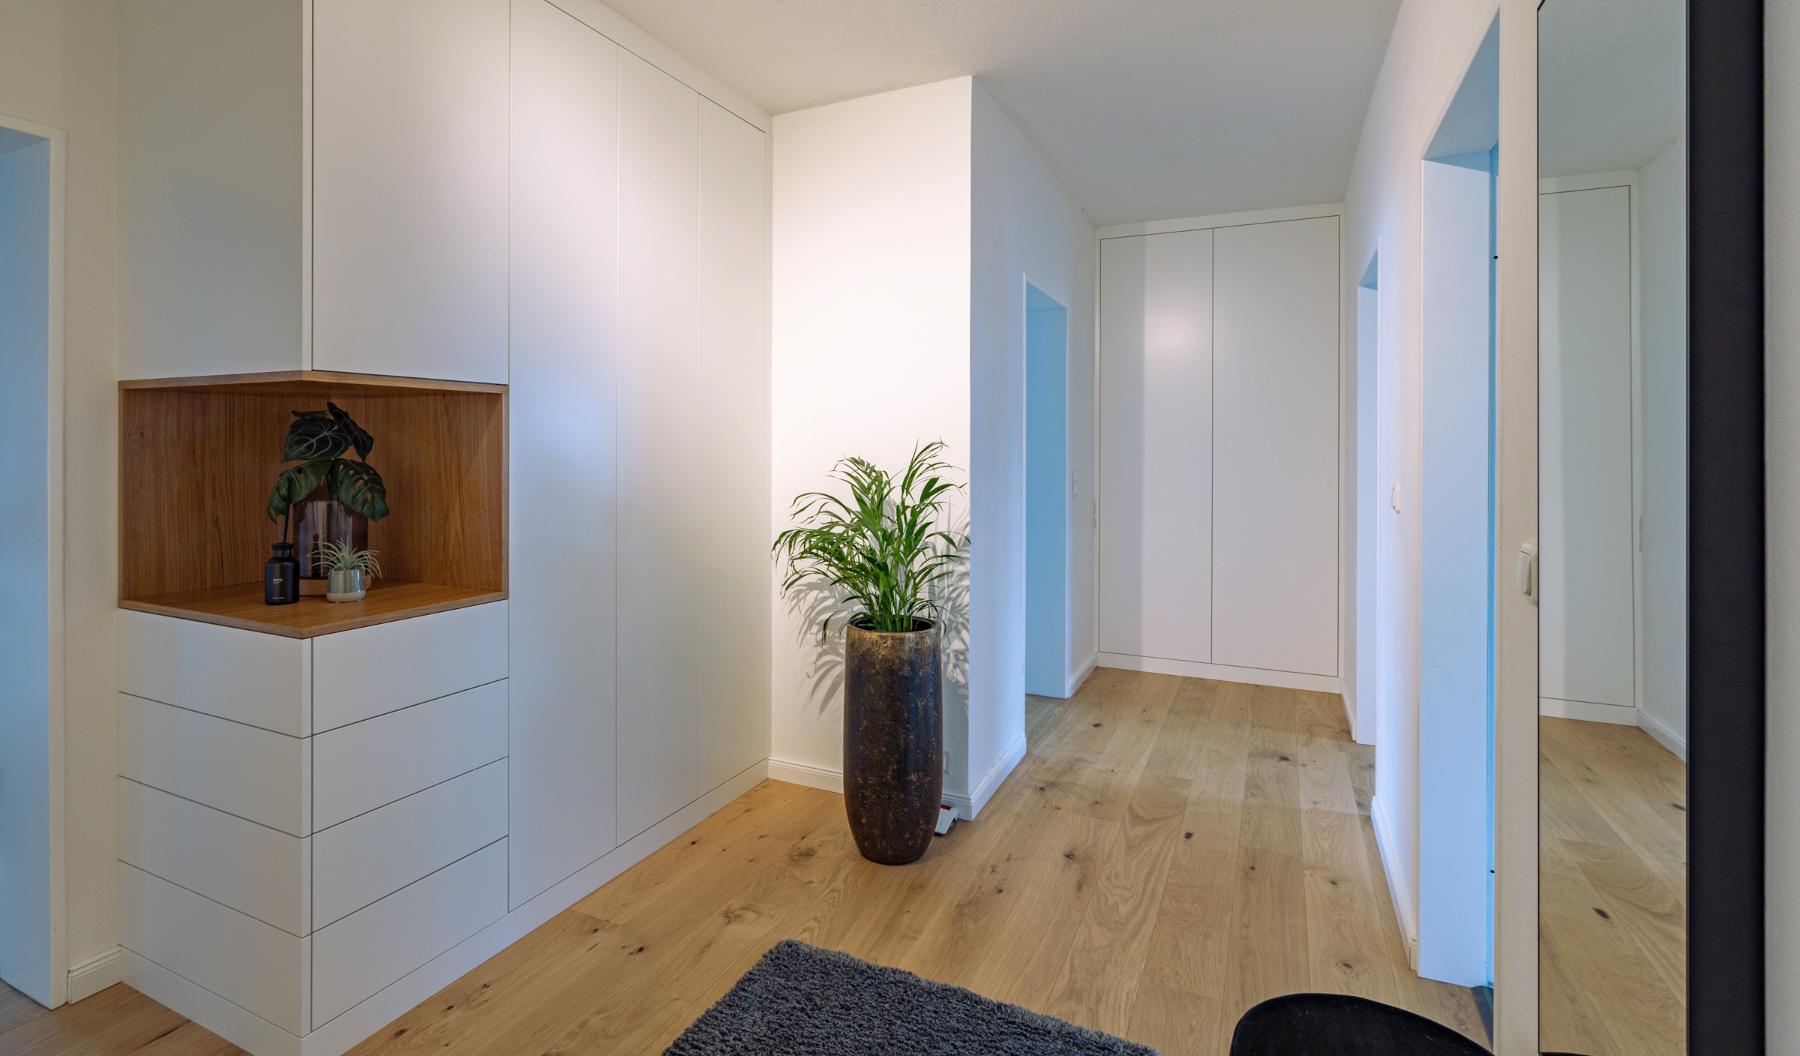 Full Size of Apothekerschrank Halbhoch Gemeinschaftsstrae Immobilien Küche Wohnzimmer Apothekerschrank Halbhoch